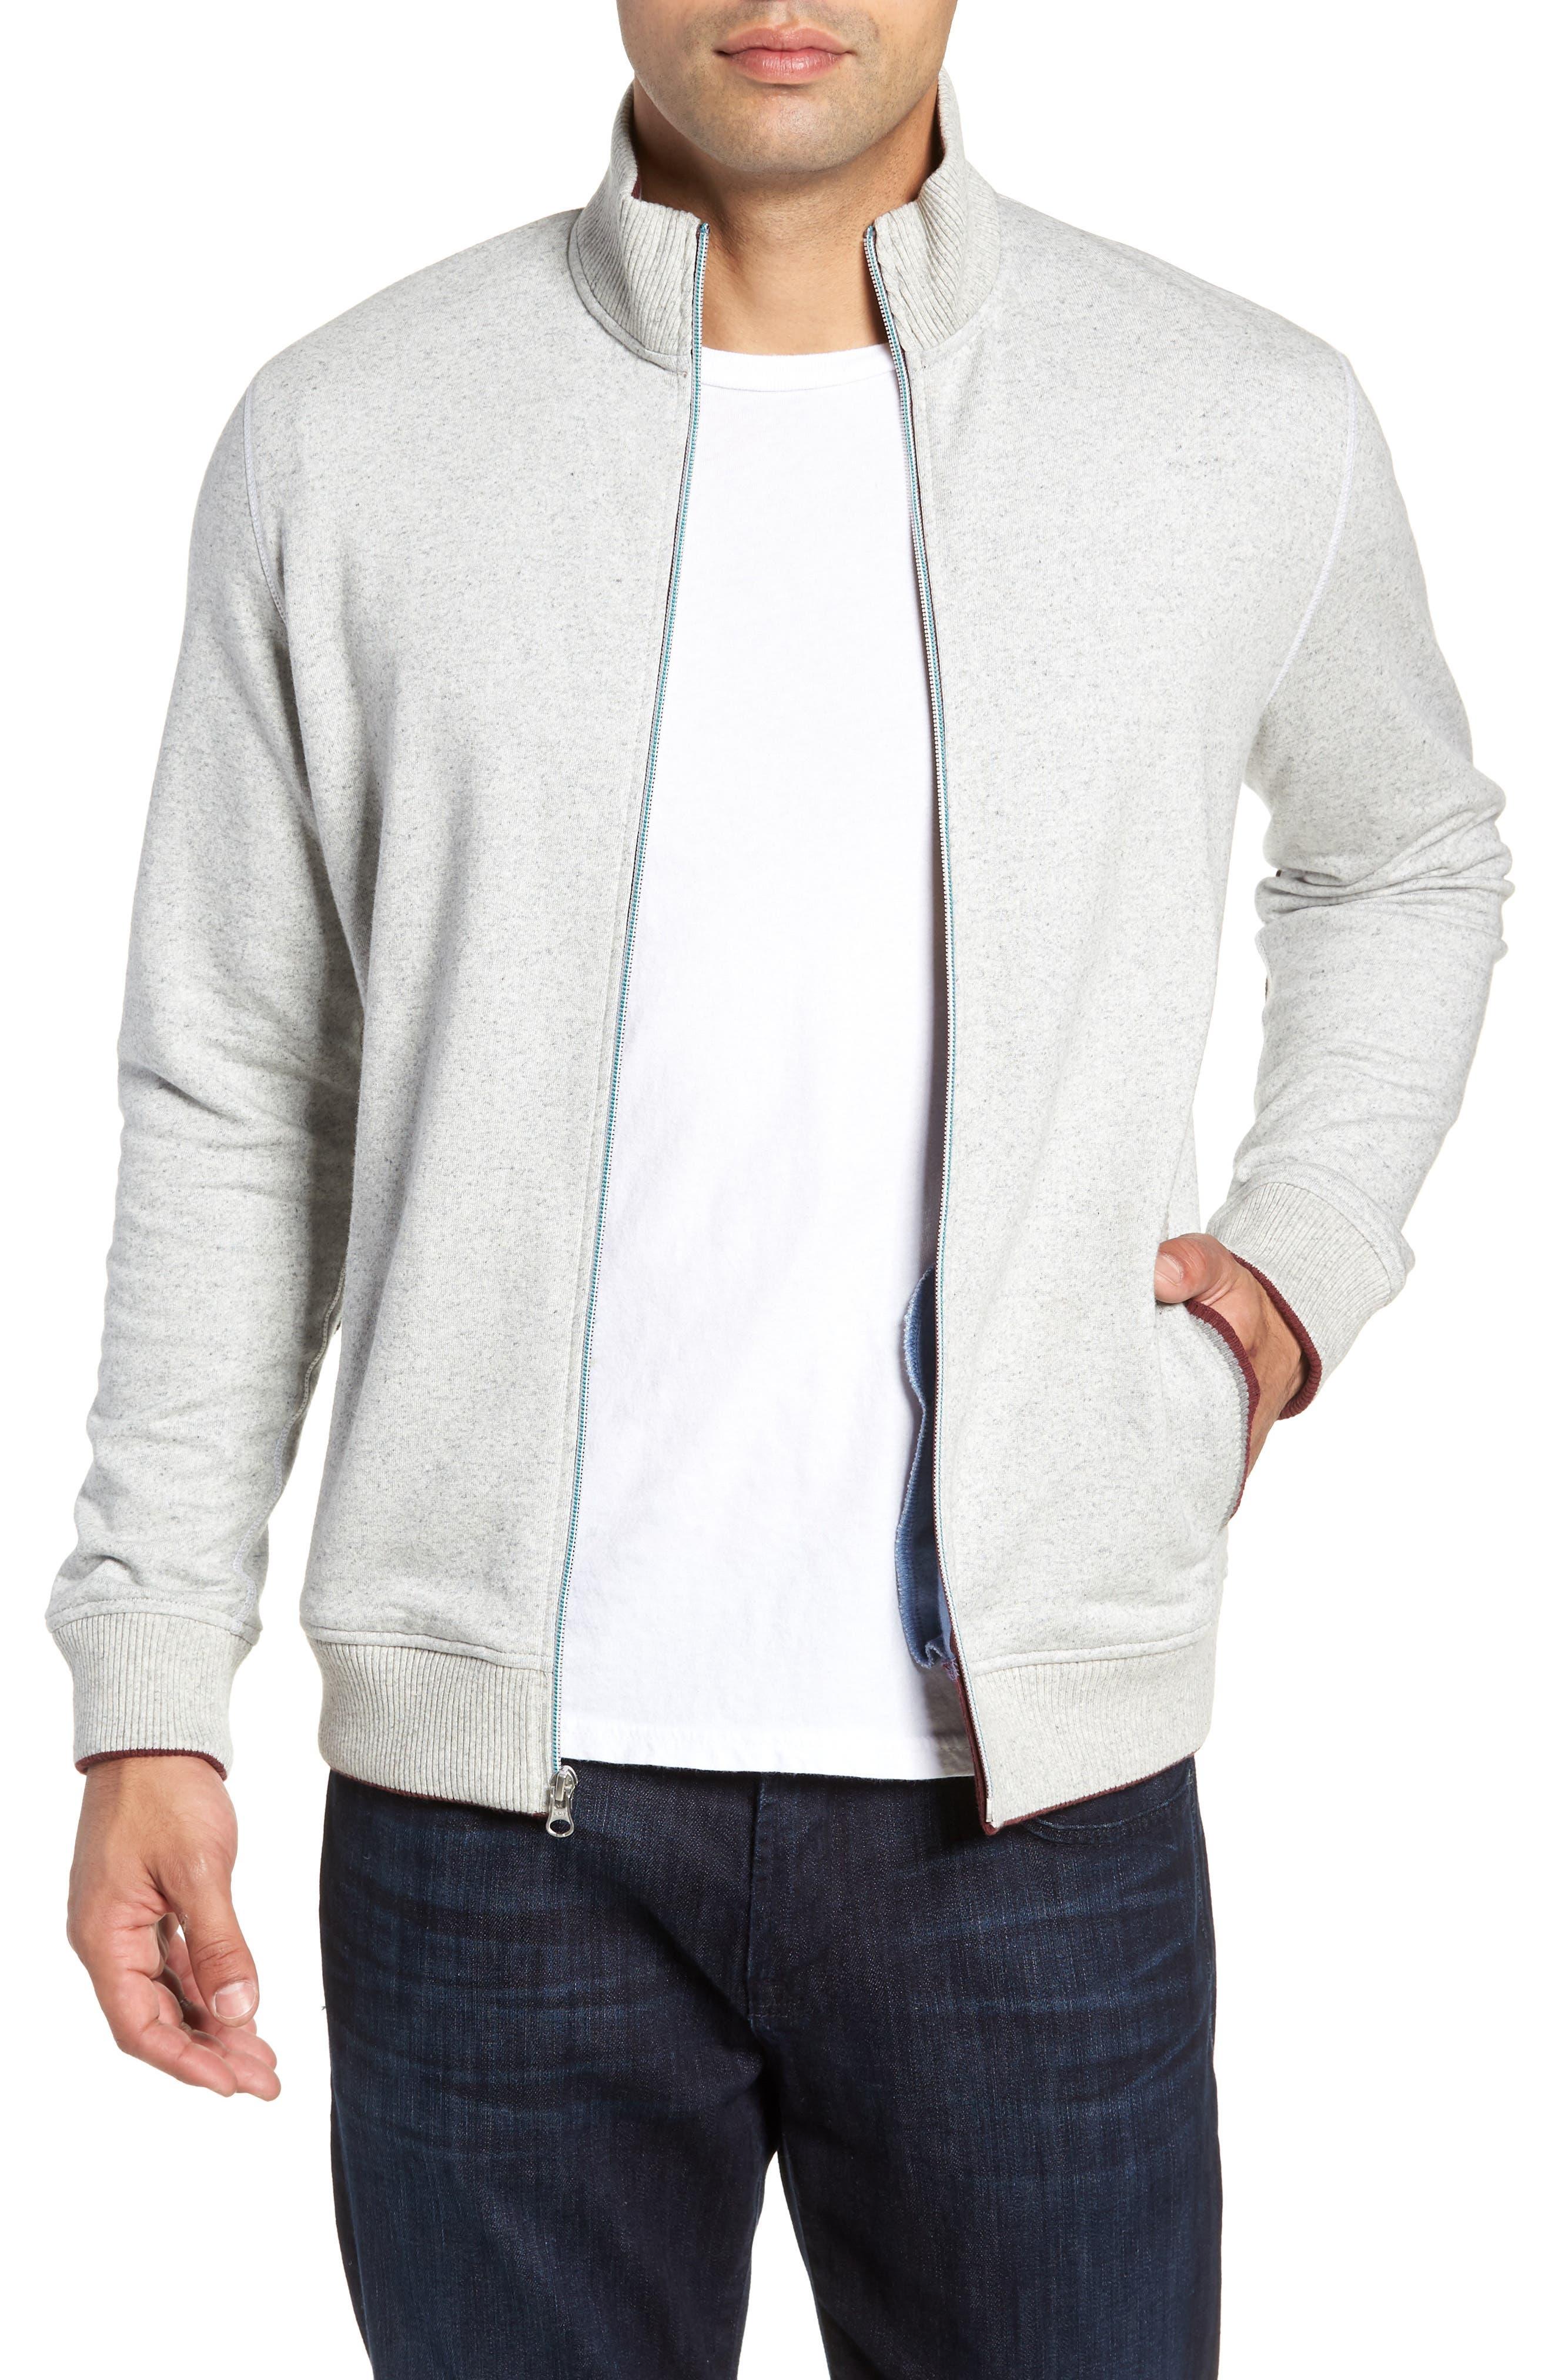 Knowles Zip Sweatshirt,                         Main,                         color, HEATHER LIGHT GREY